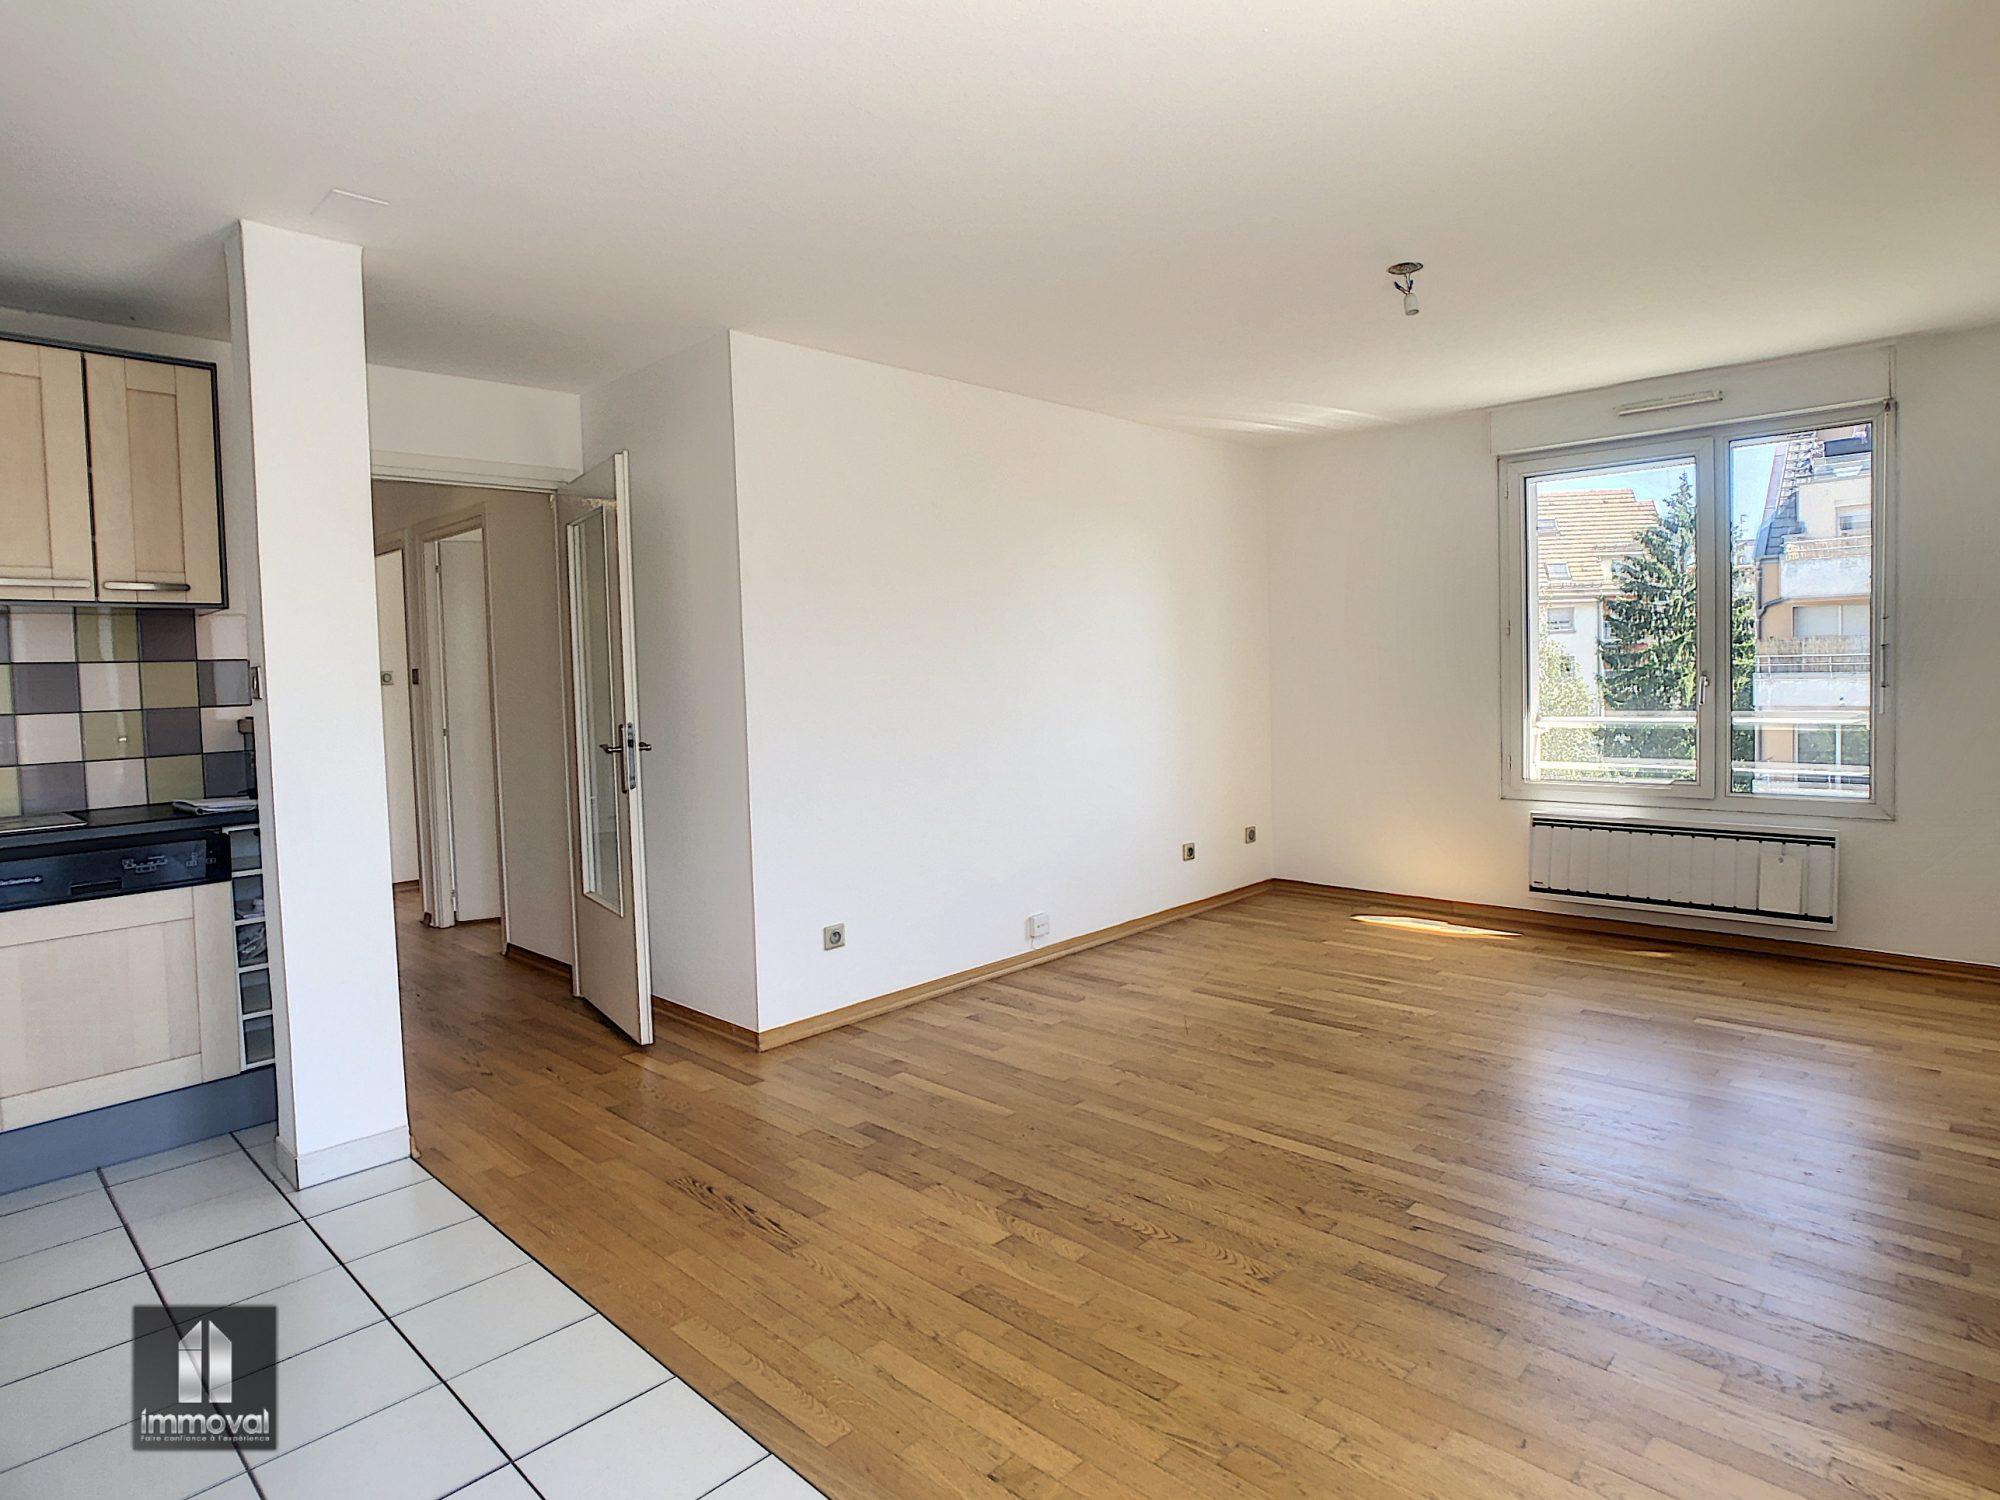 LINGOLSHEIM, Appartement 3 pièces 61,41m²